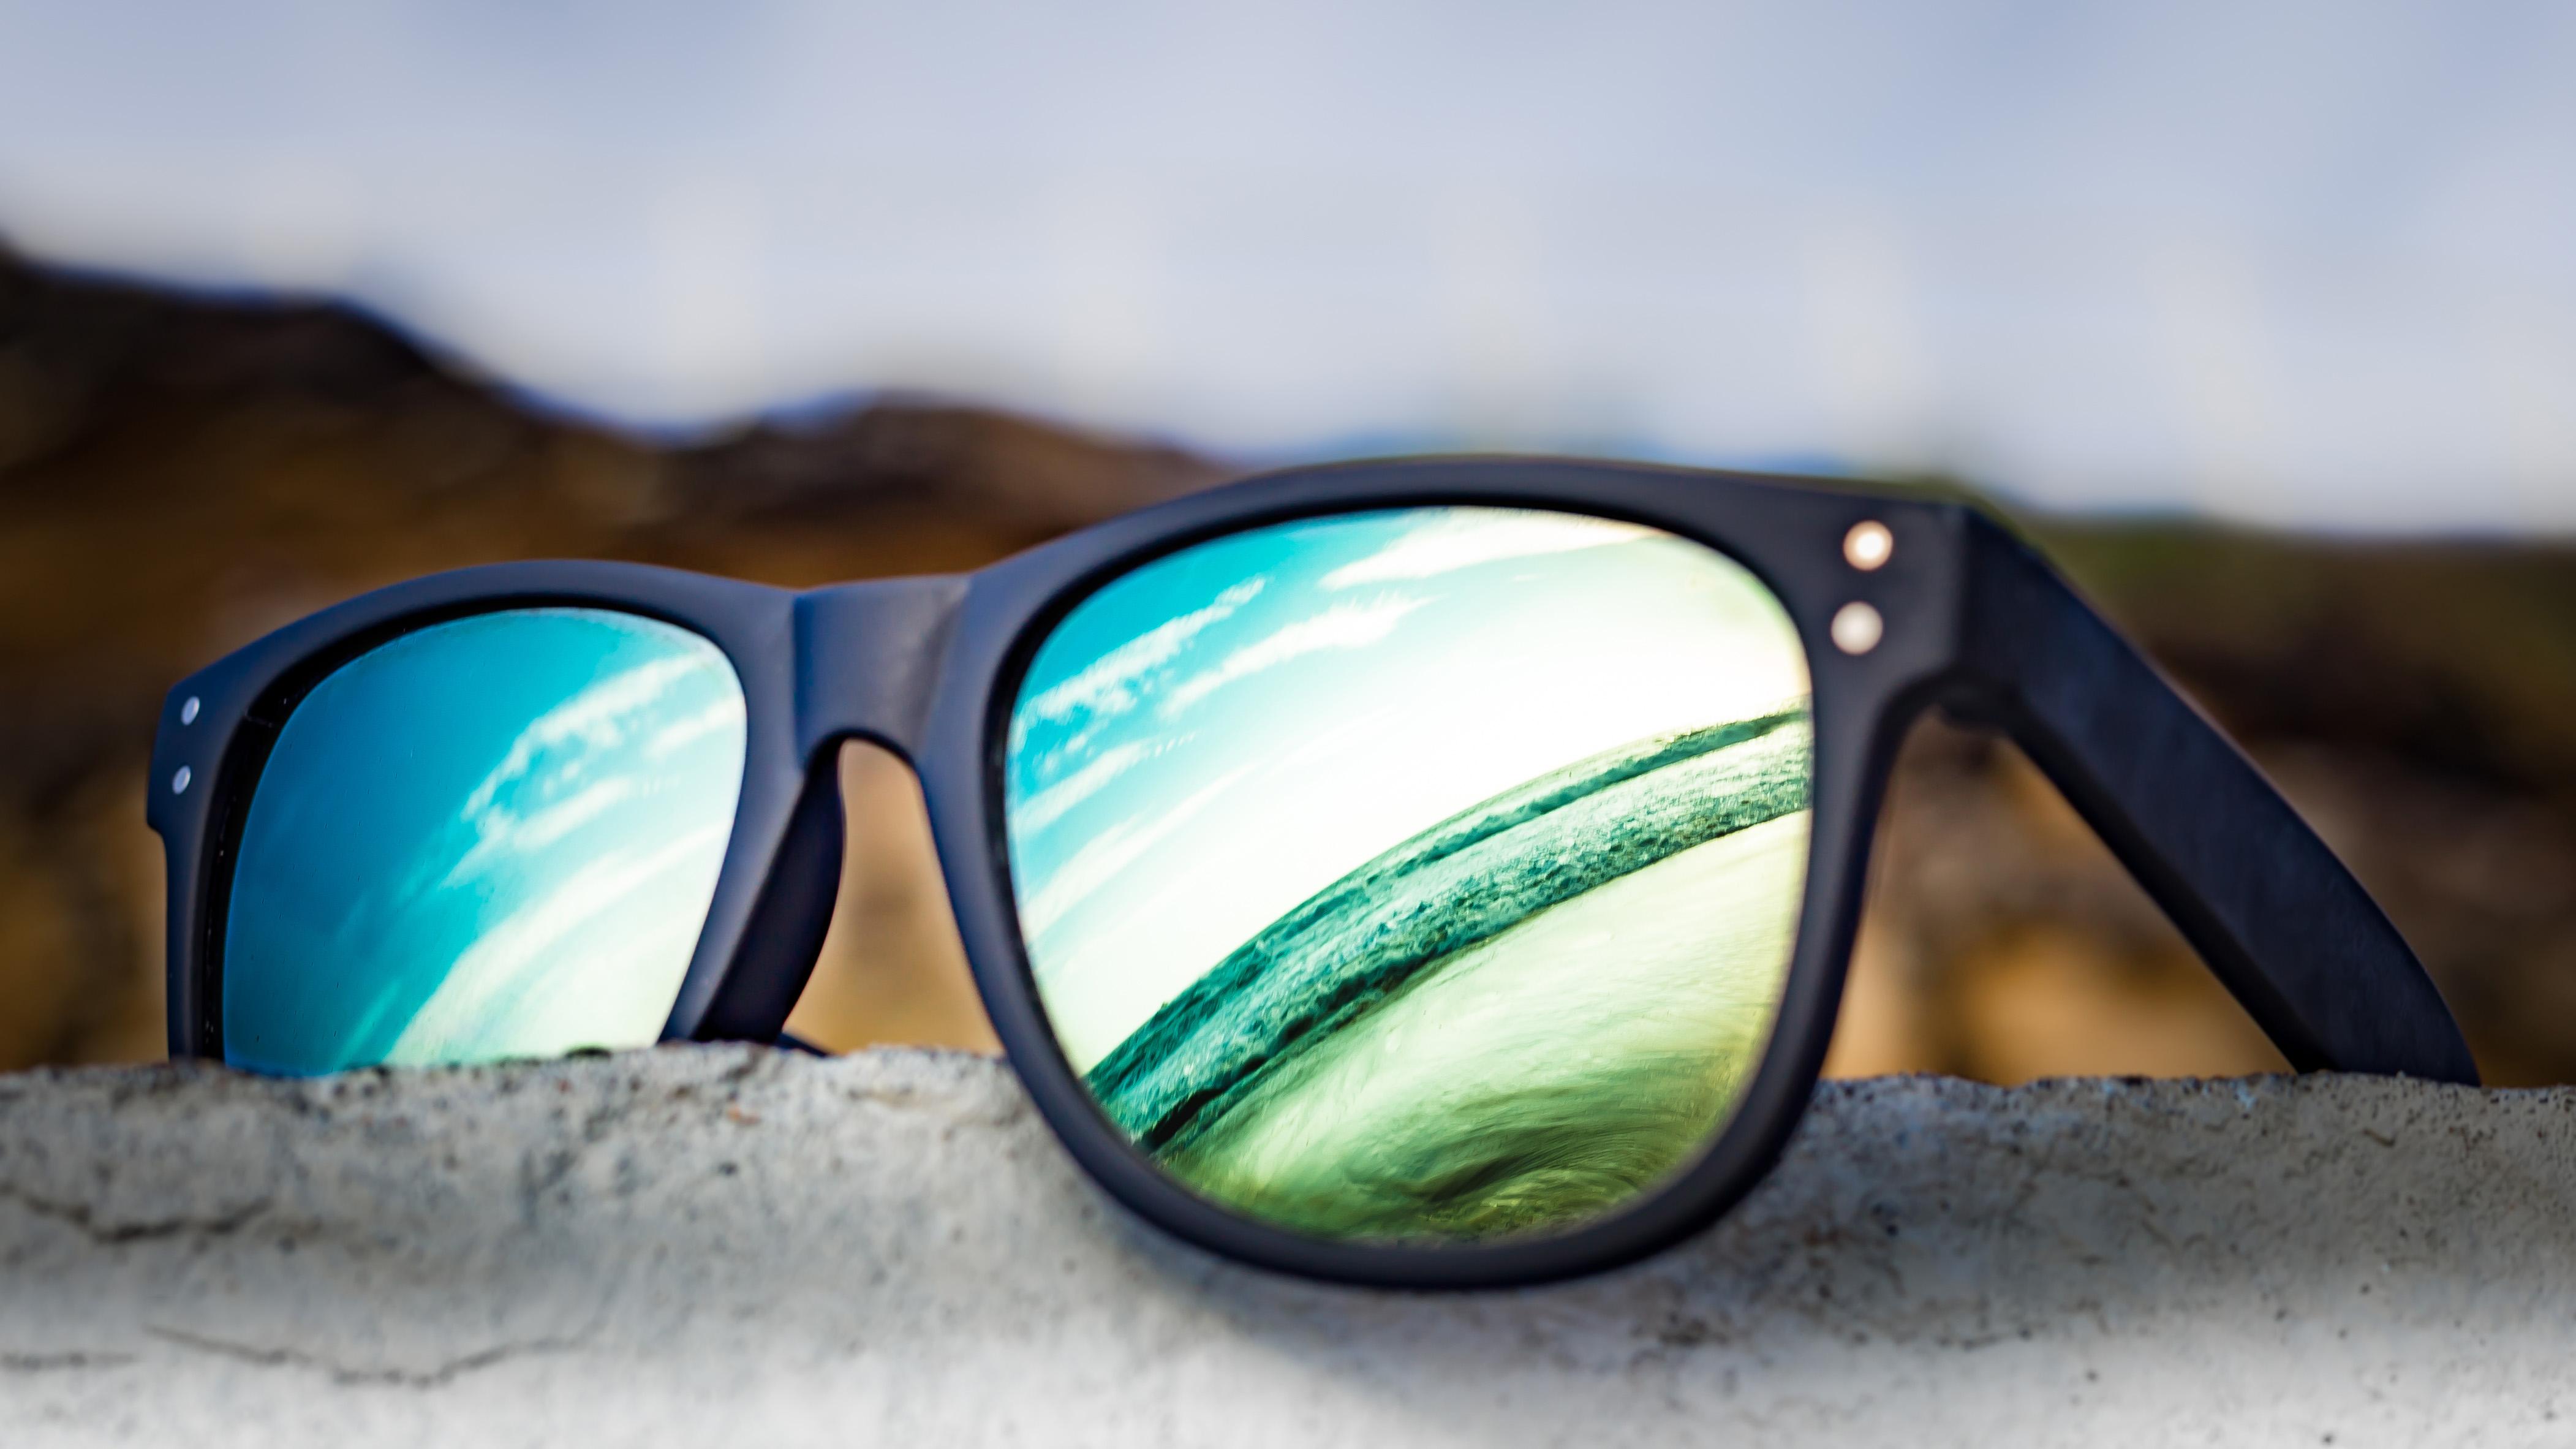 Wallpaper Summer Sun Holiday Reflection Beach Sunglasses